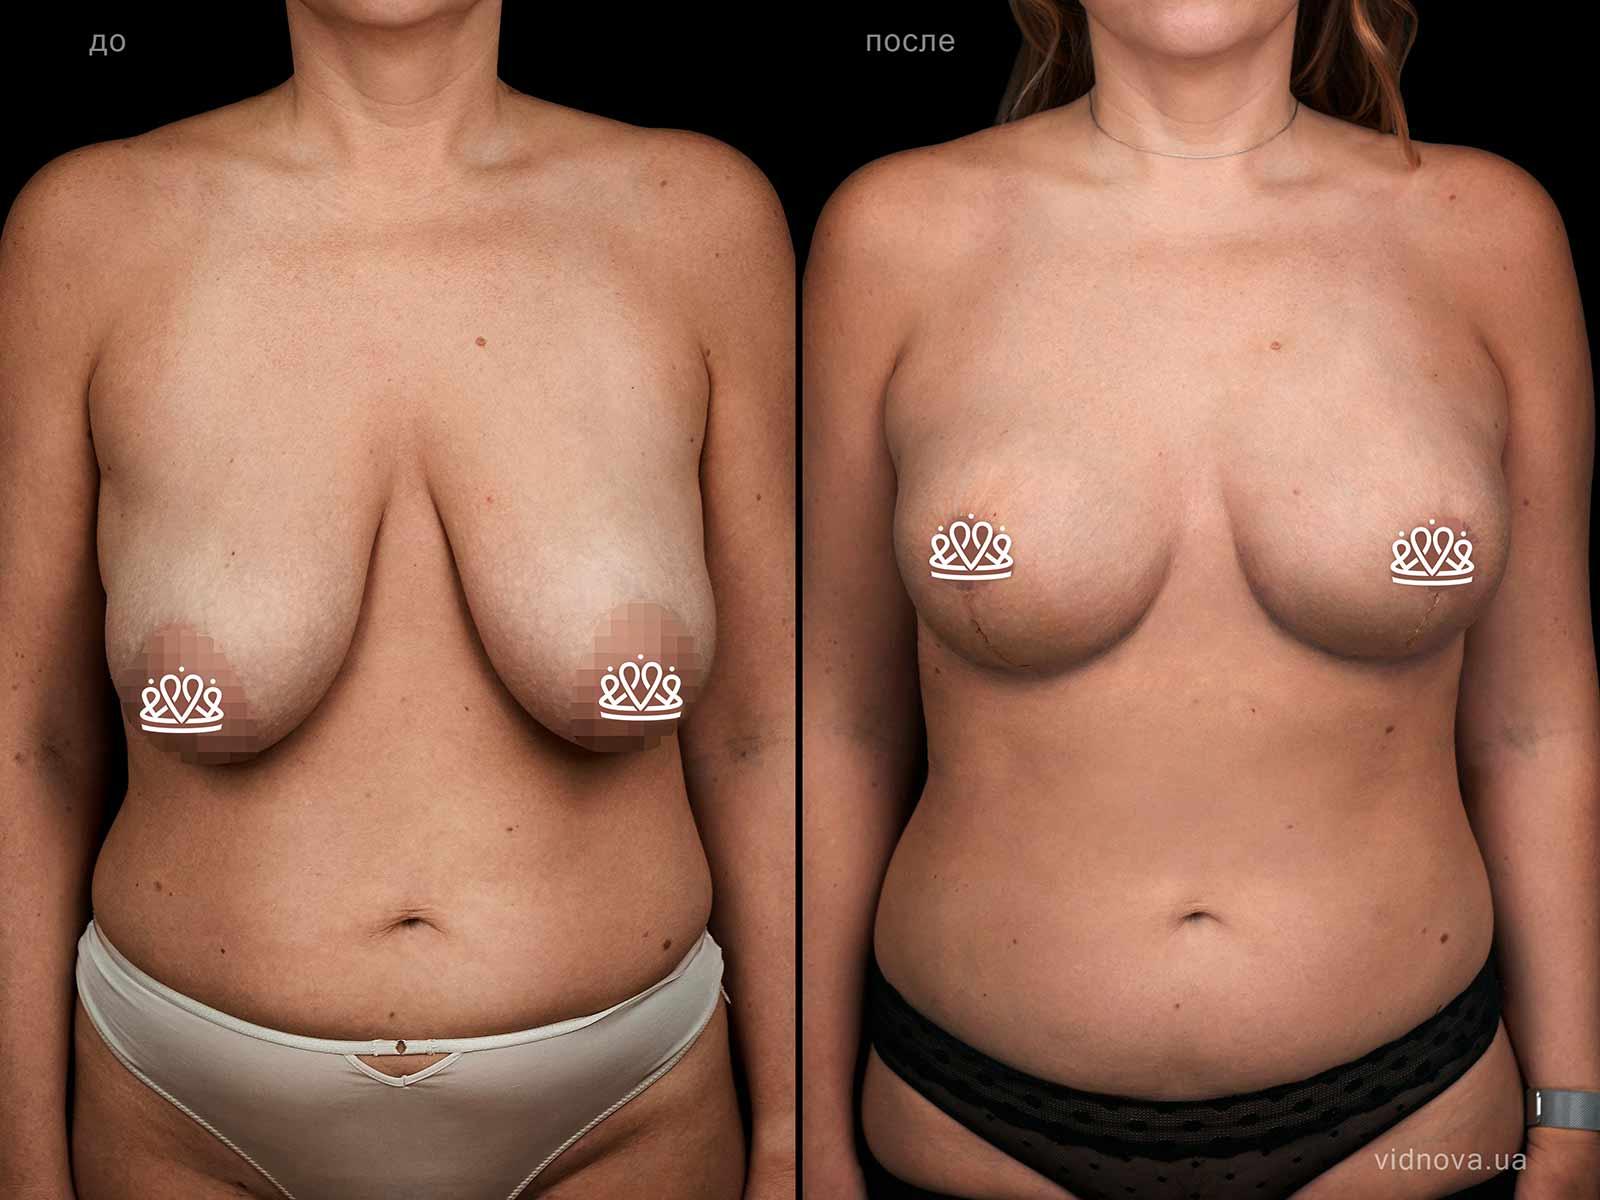 Пластика груди: результаты до и после - Пример №128-0 - Светлана Работенко